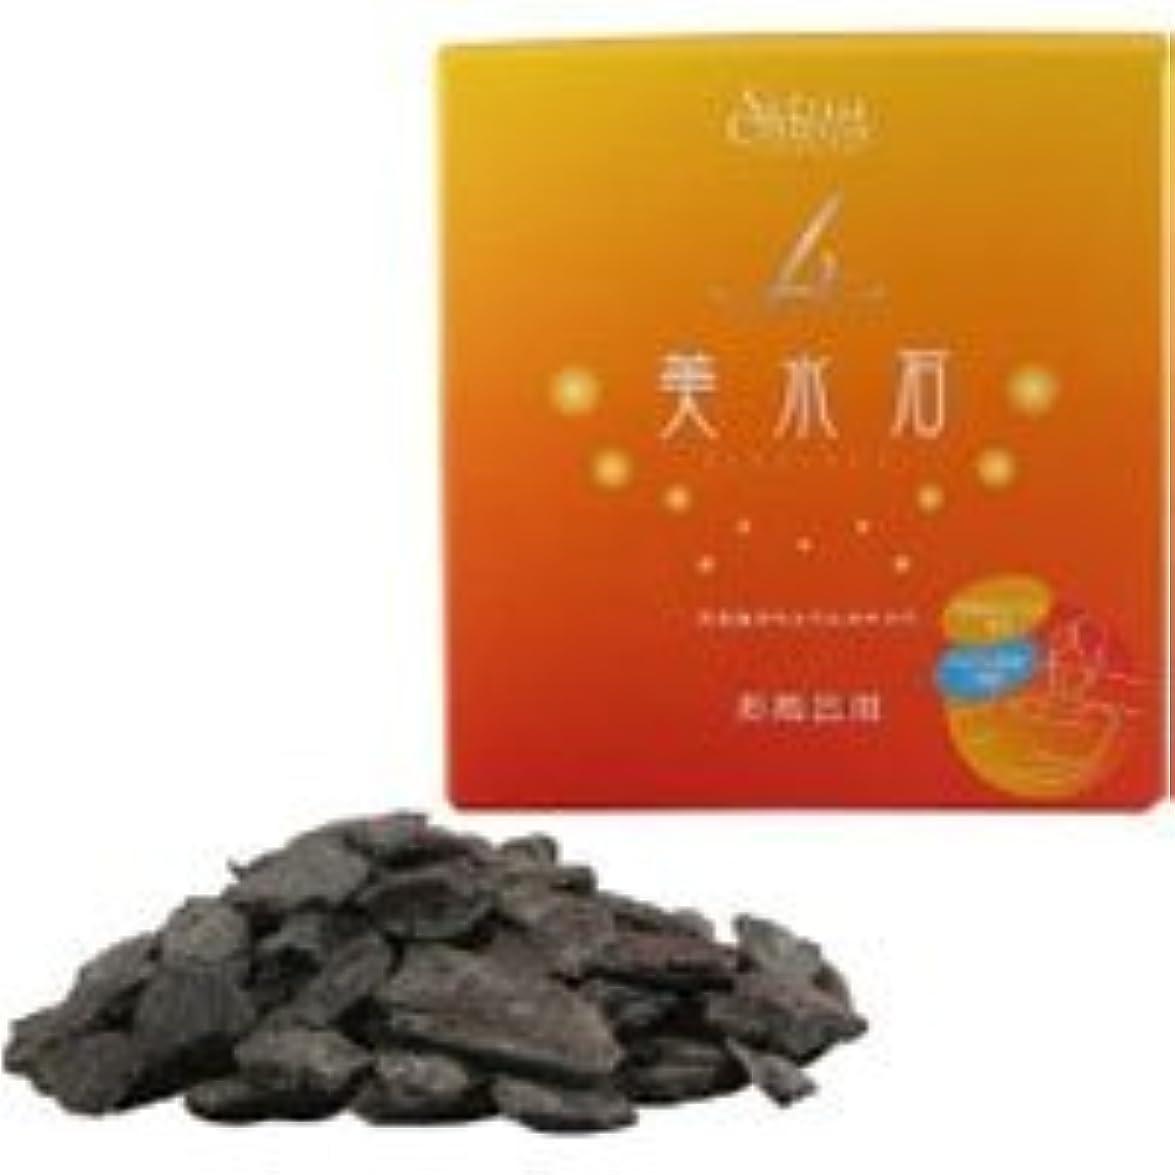 精査幸運詐欺美水石 美水石お風呂用 (専用ネット1枚) 1kg